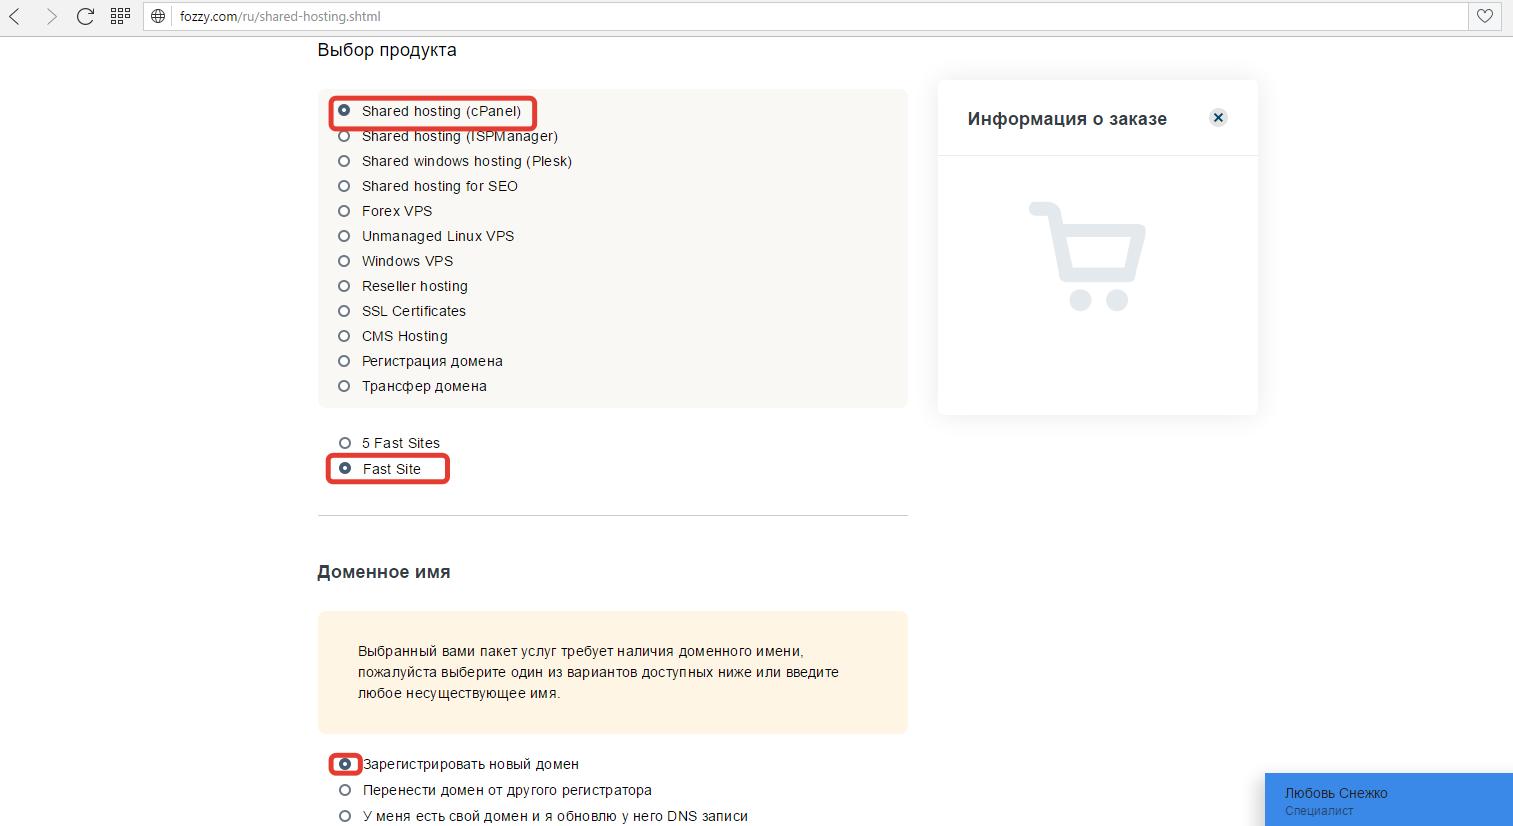 Купить домен хостинг в подарок как правильно сделать внутреннюю оптимизацию сайта